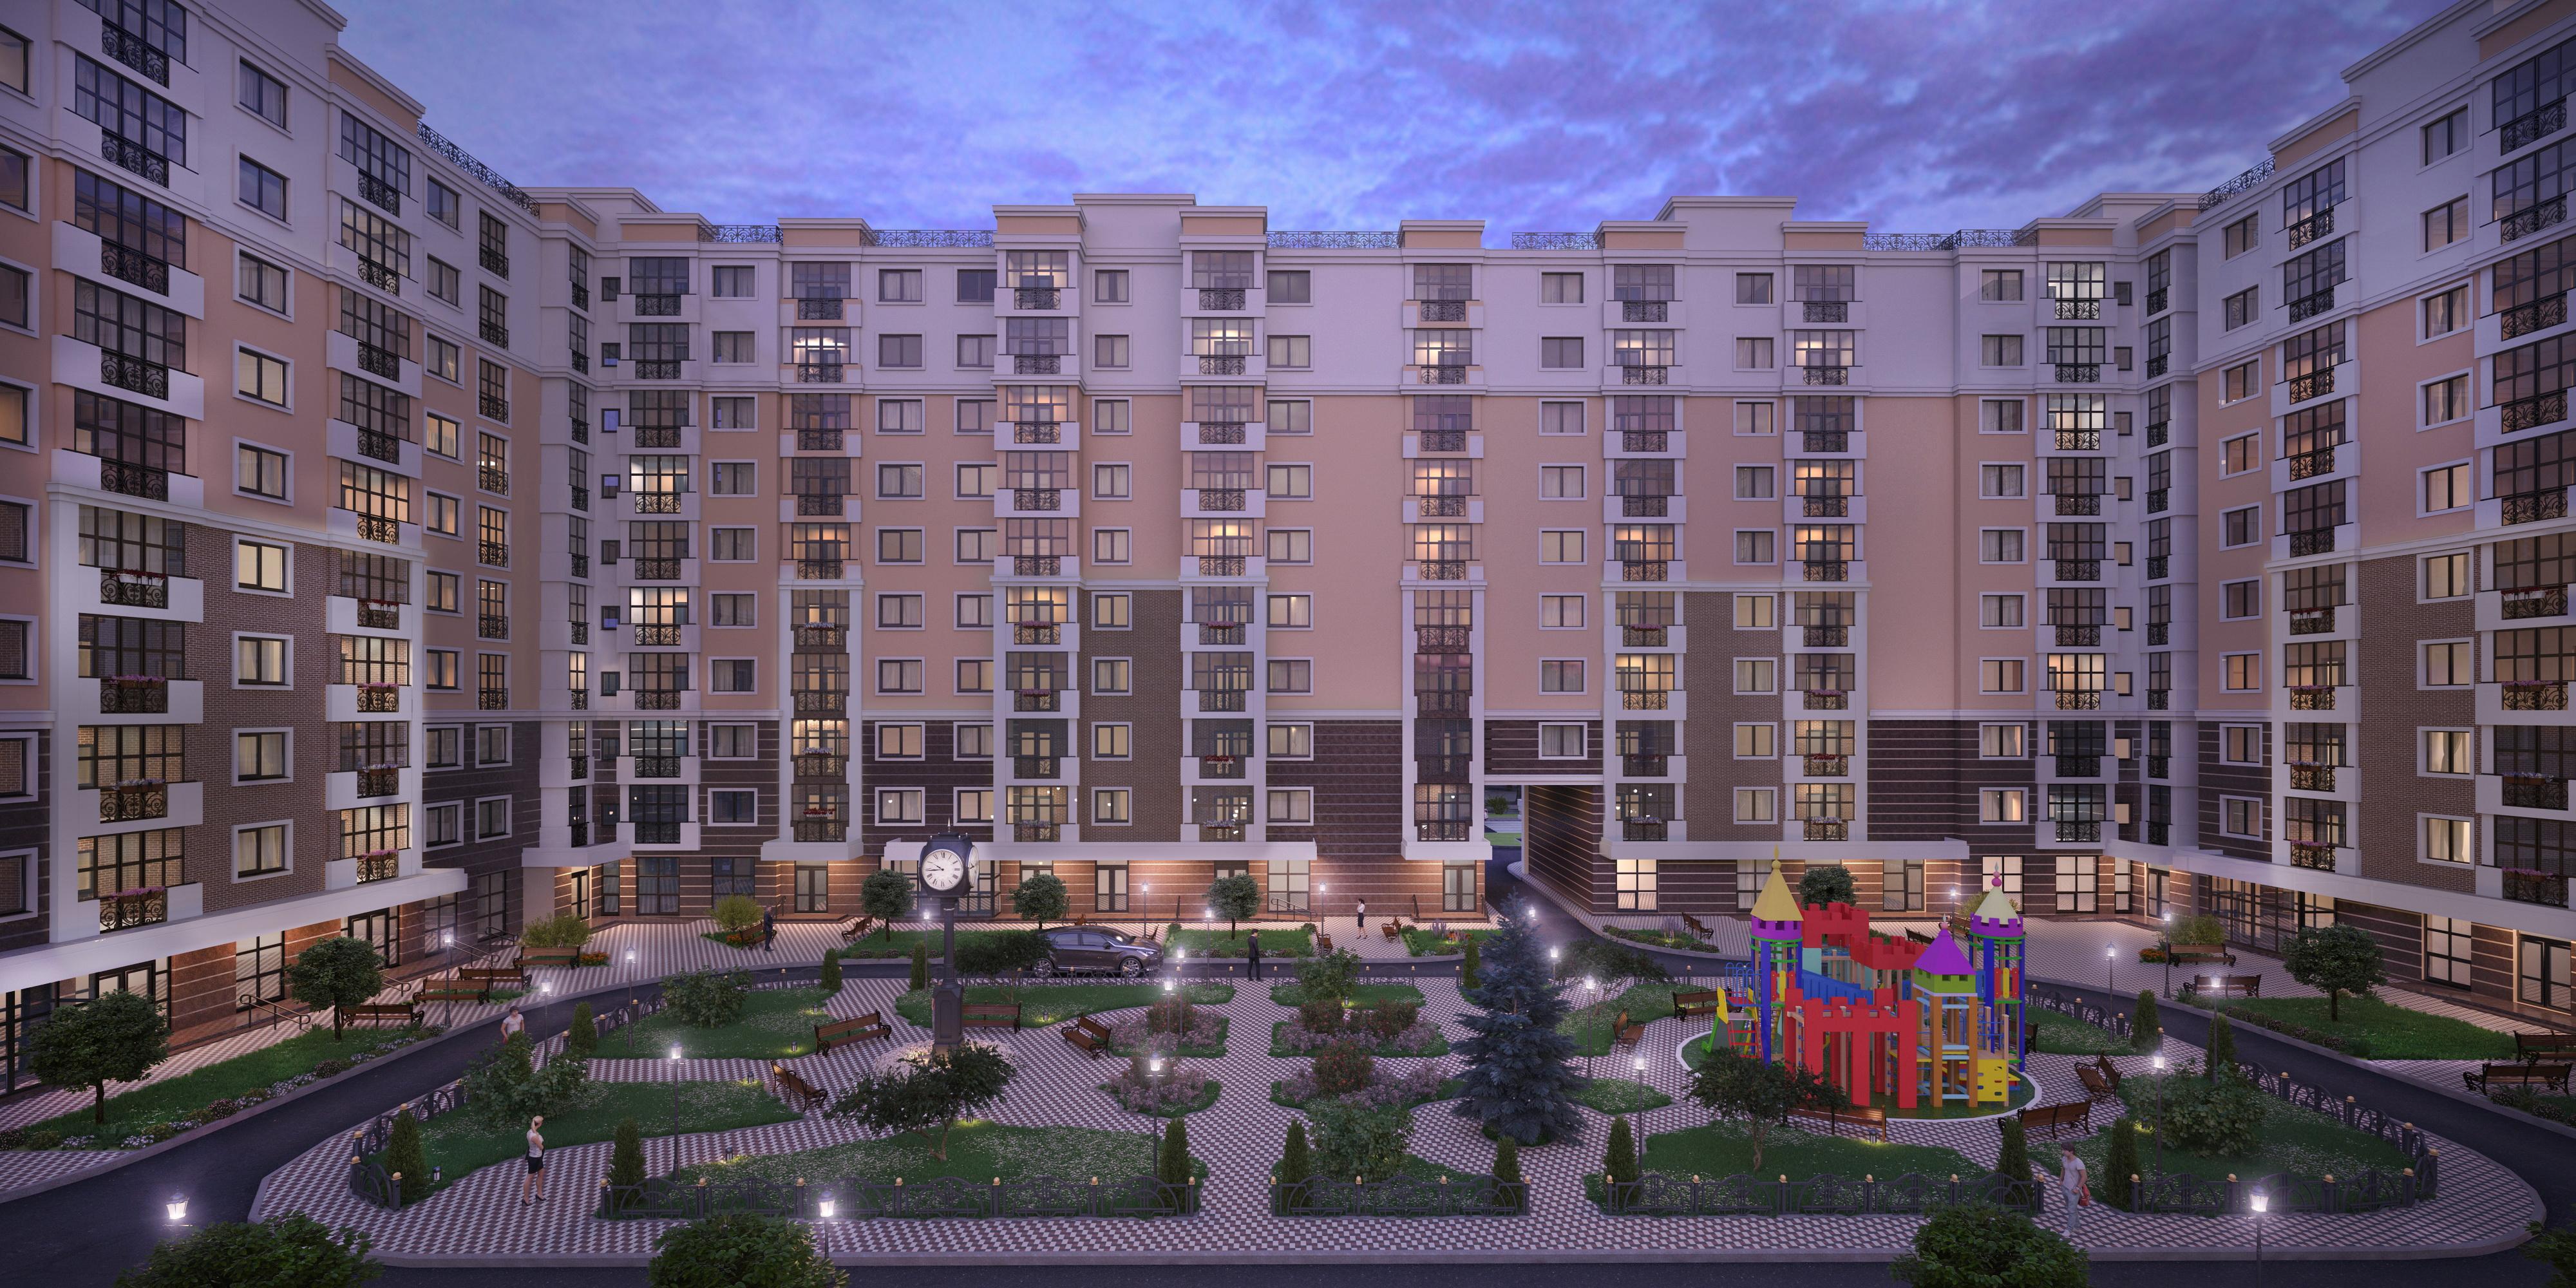 Сайт коммерческая недвижимость украины коммерческая недвижимость Москва